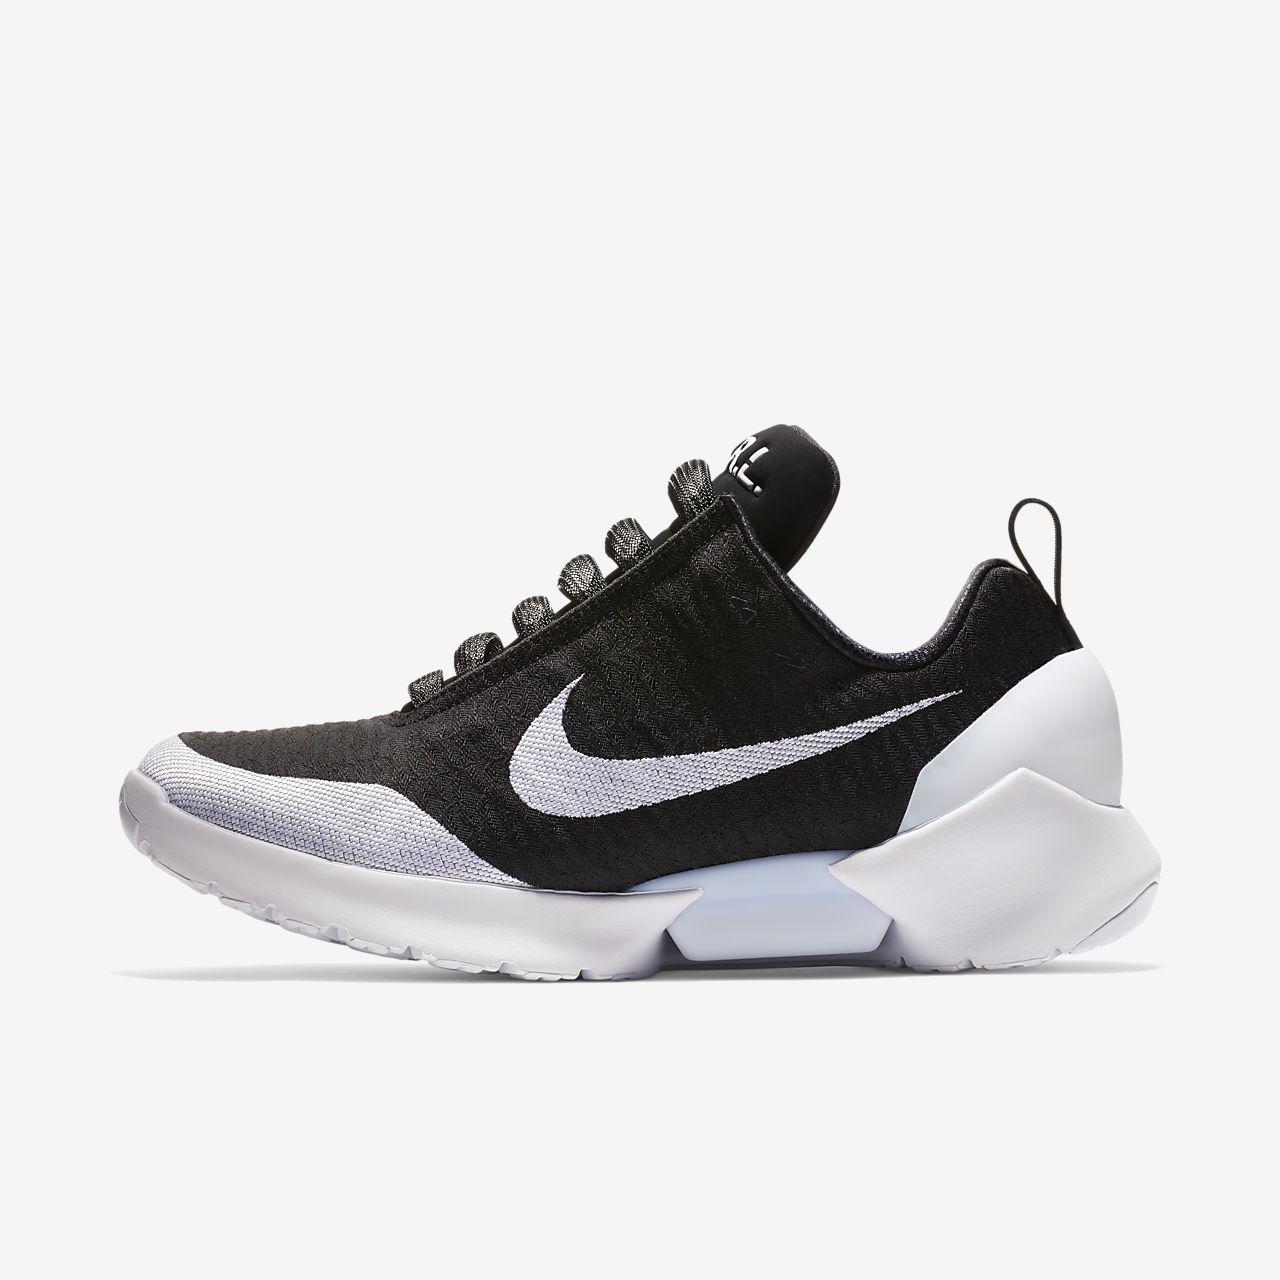 best sneakers 9de9e 89561 ... Nike HyperAdapt 1.0 (UK Plug) férficipő